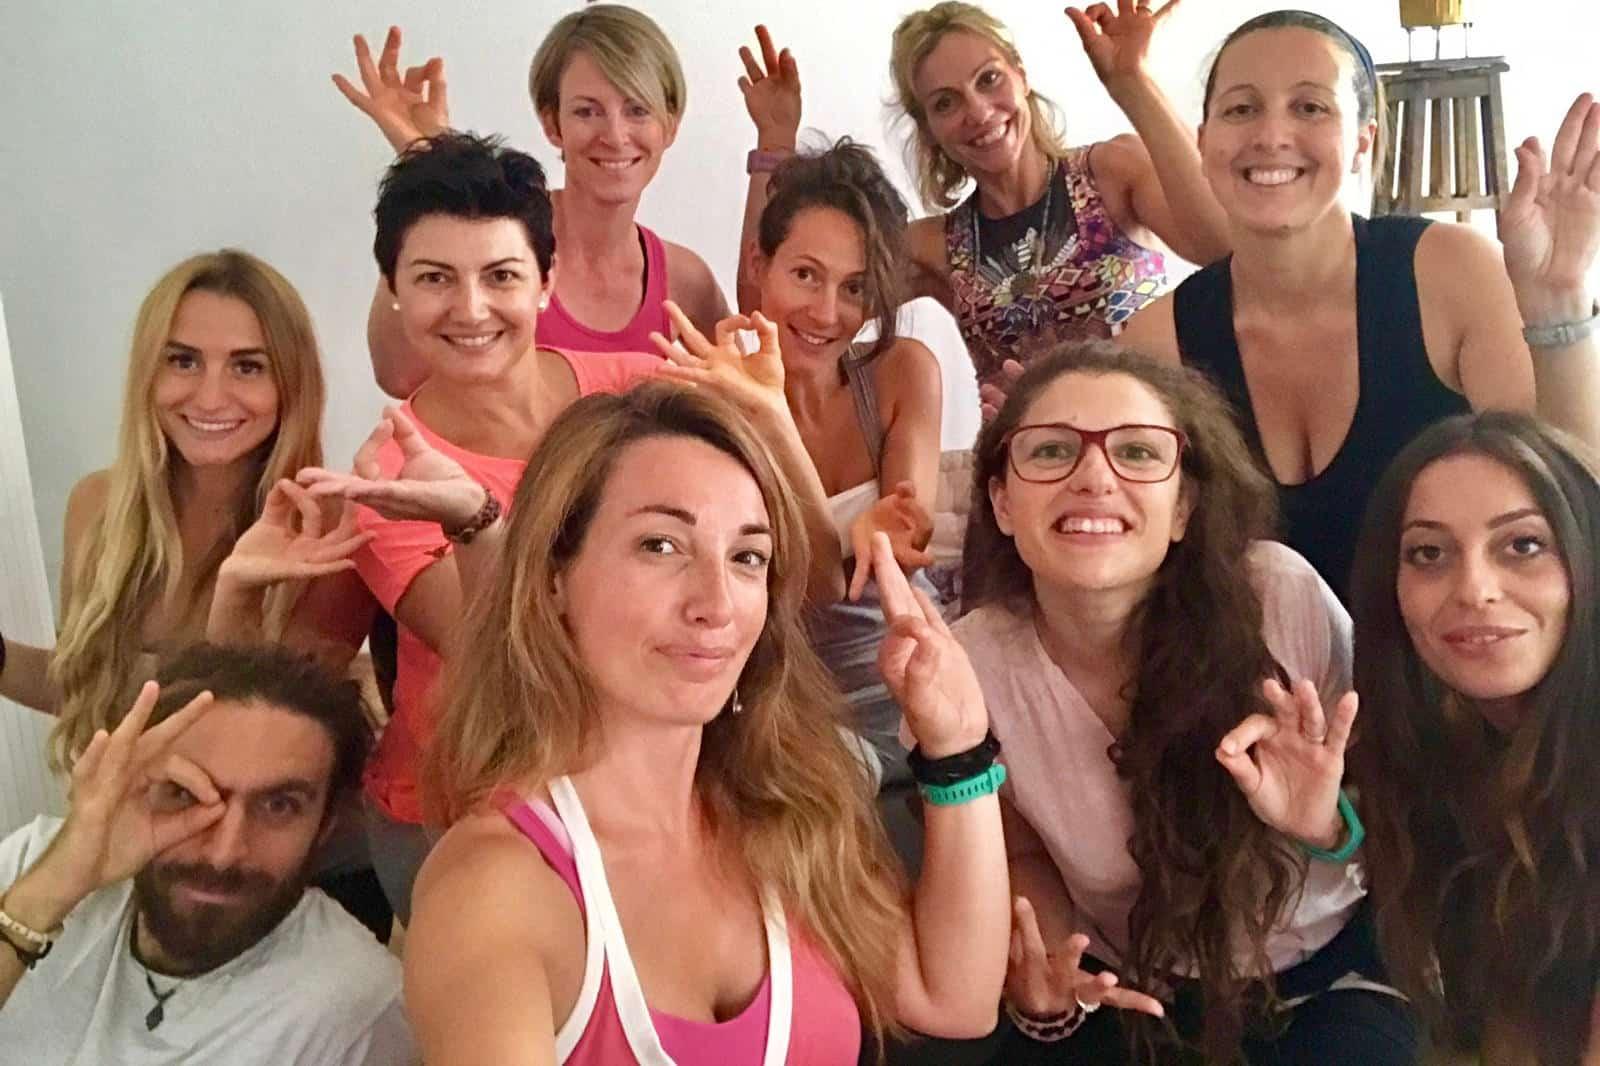 corso insegnanti yoga riconosciuto